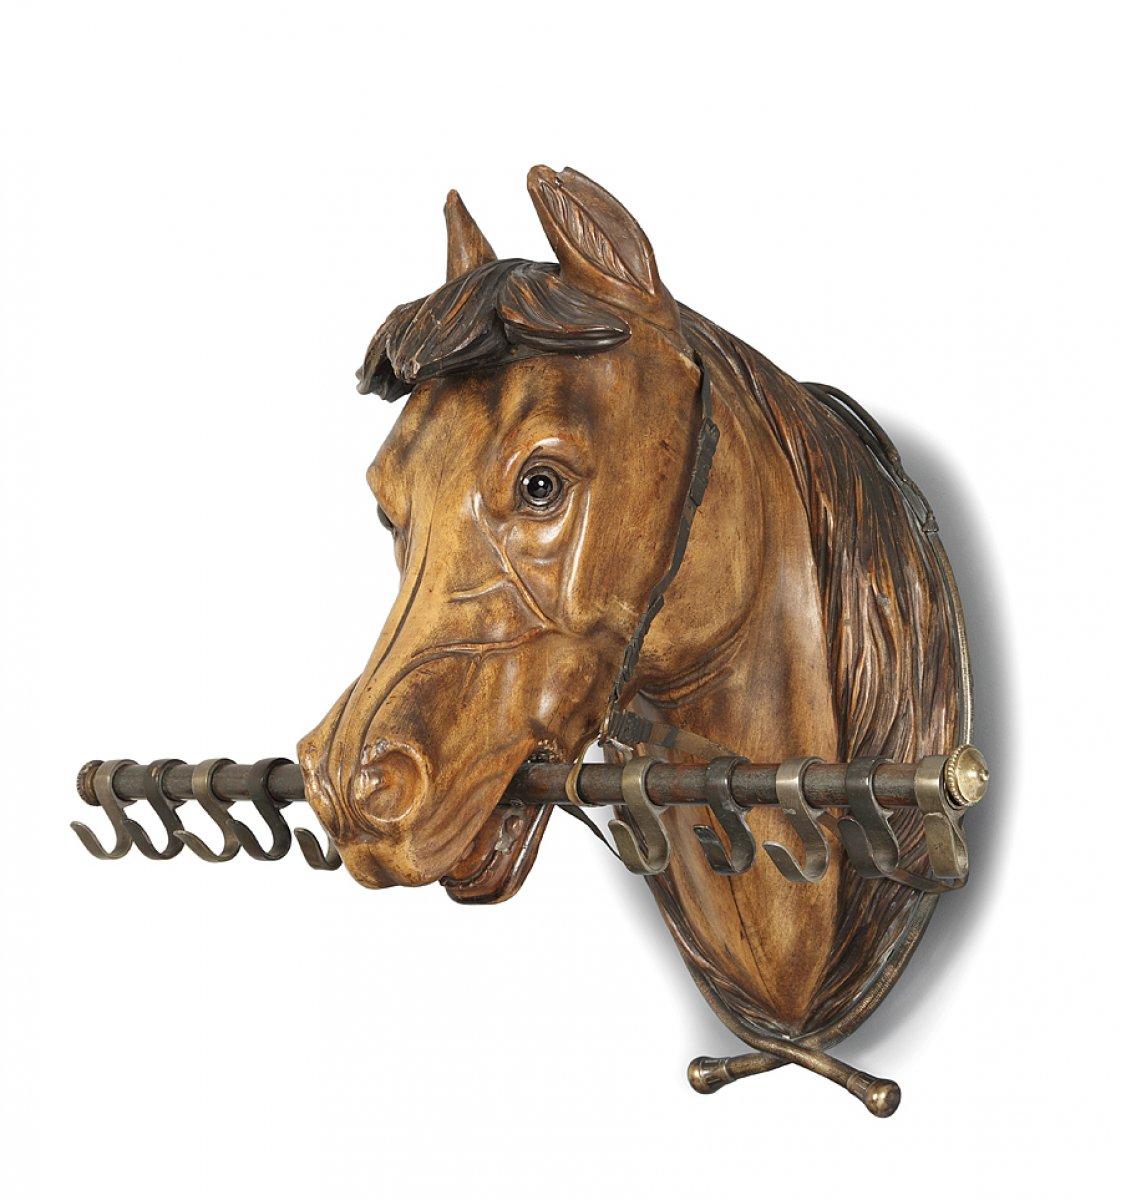 sculpture en bois t te de cheval porte cravaches xixe si cle. Black Bedroom Furniture Sets. Home Design Ideas